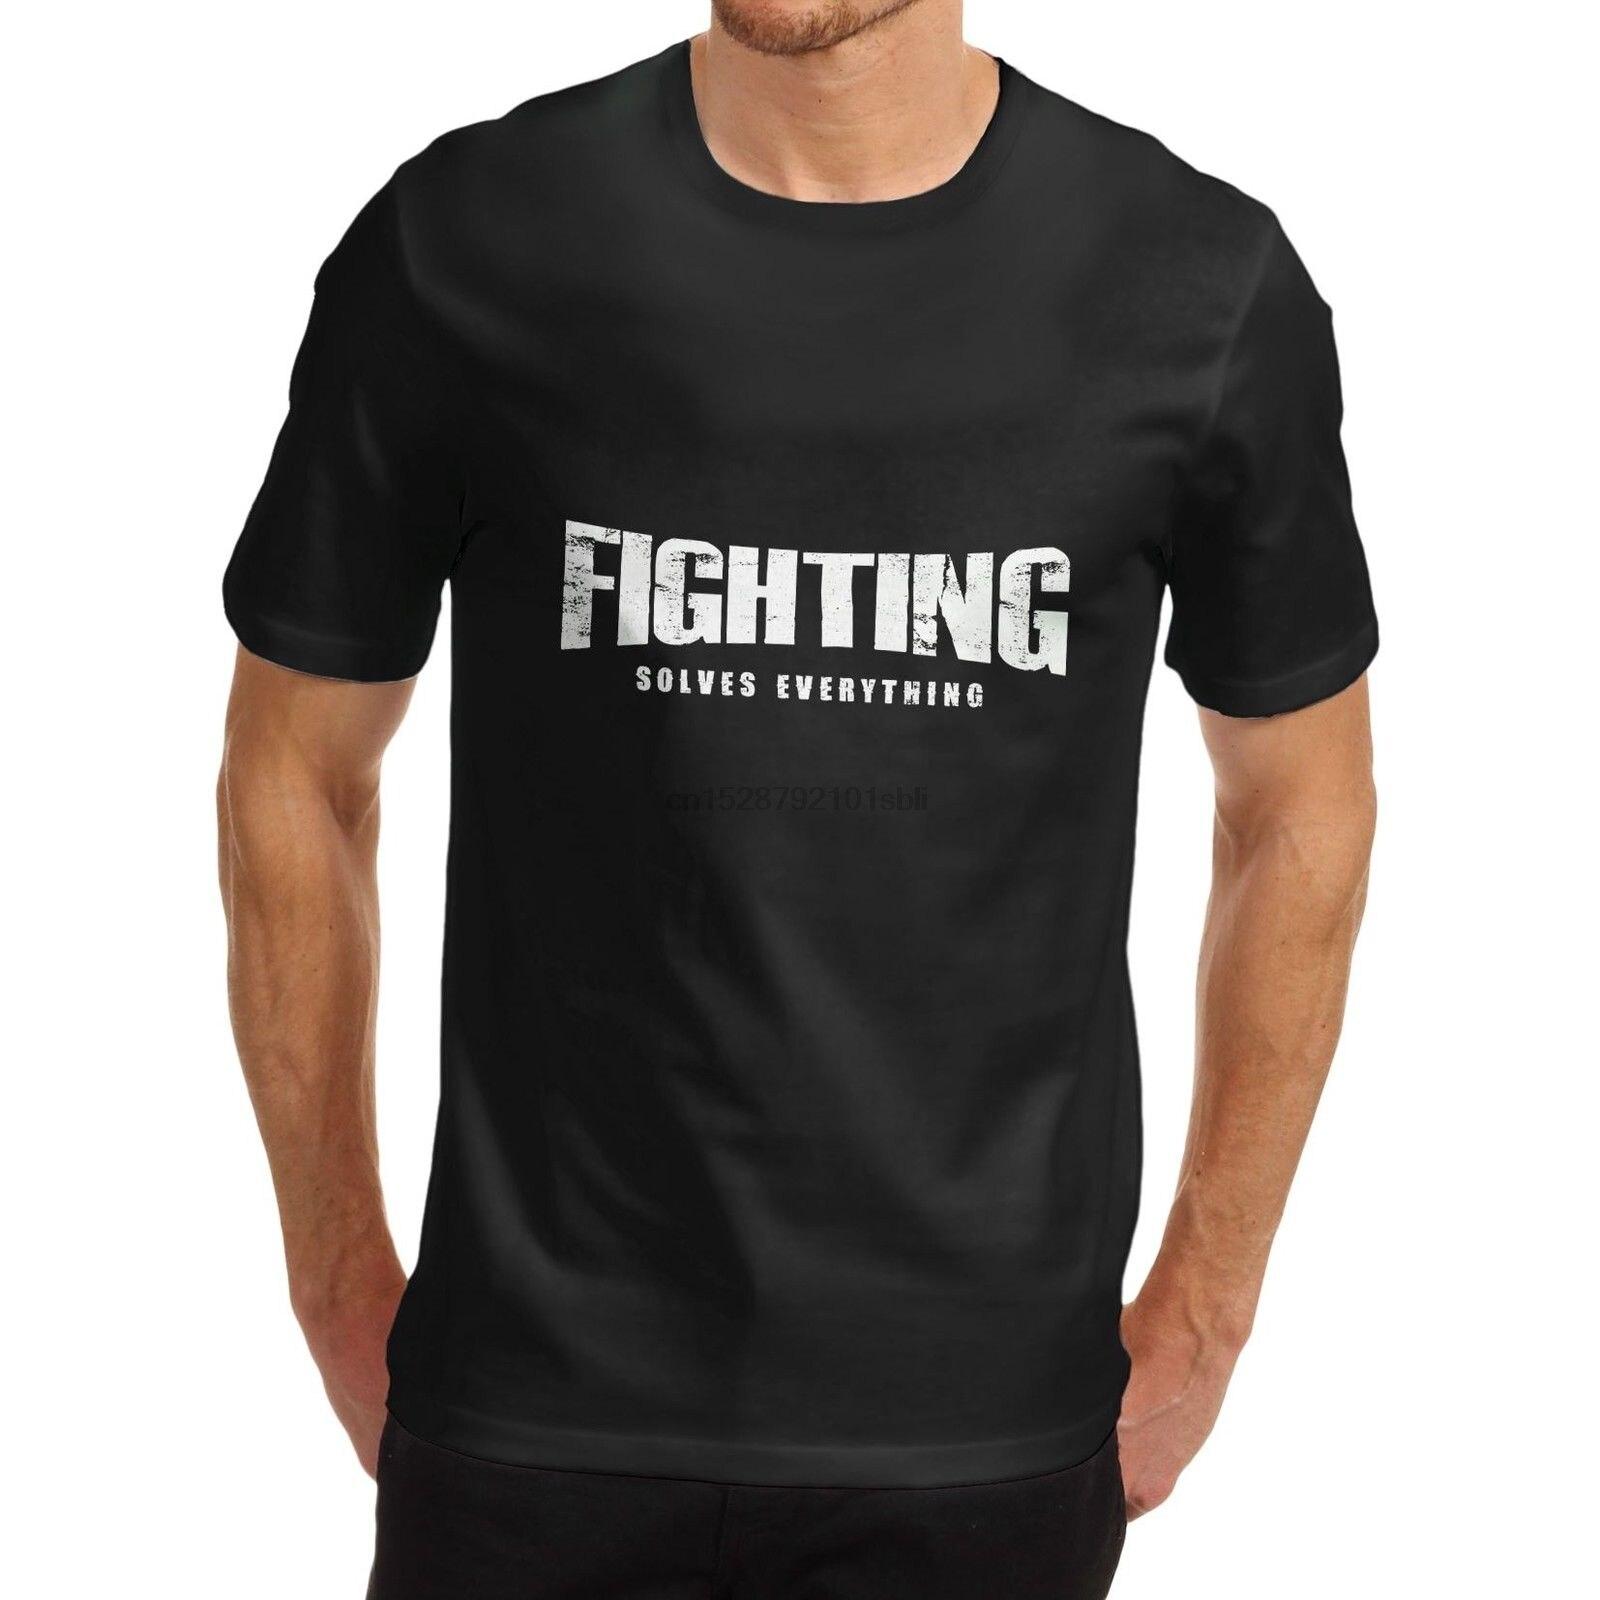 2020 새로운 패션 브랜드 의류 군사 t 셔츠 senna vs prost 89 셔츠 che guevara 티셔츠